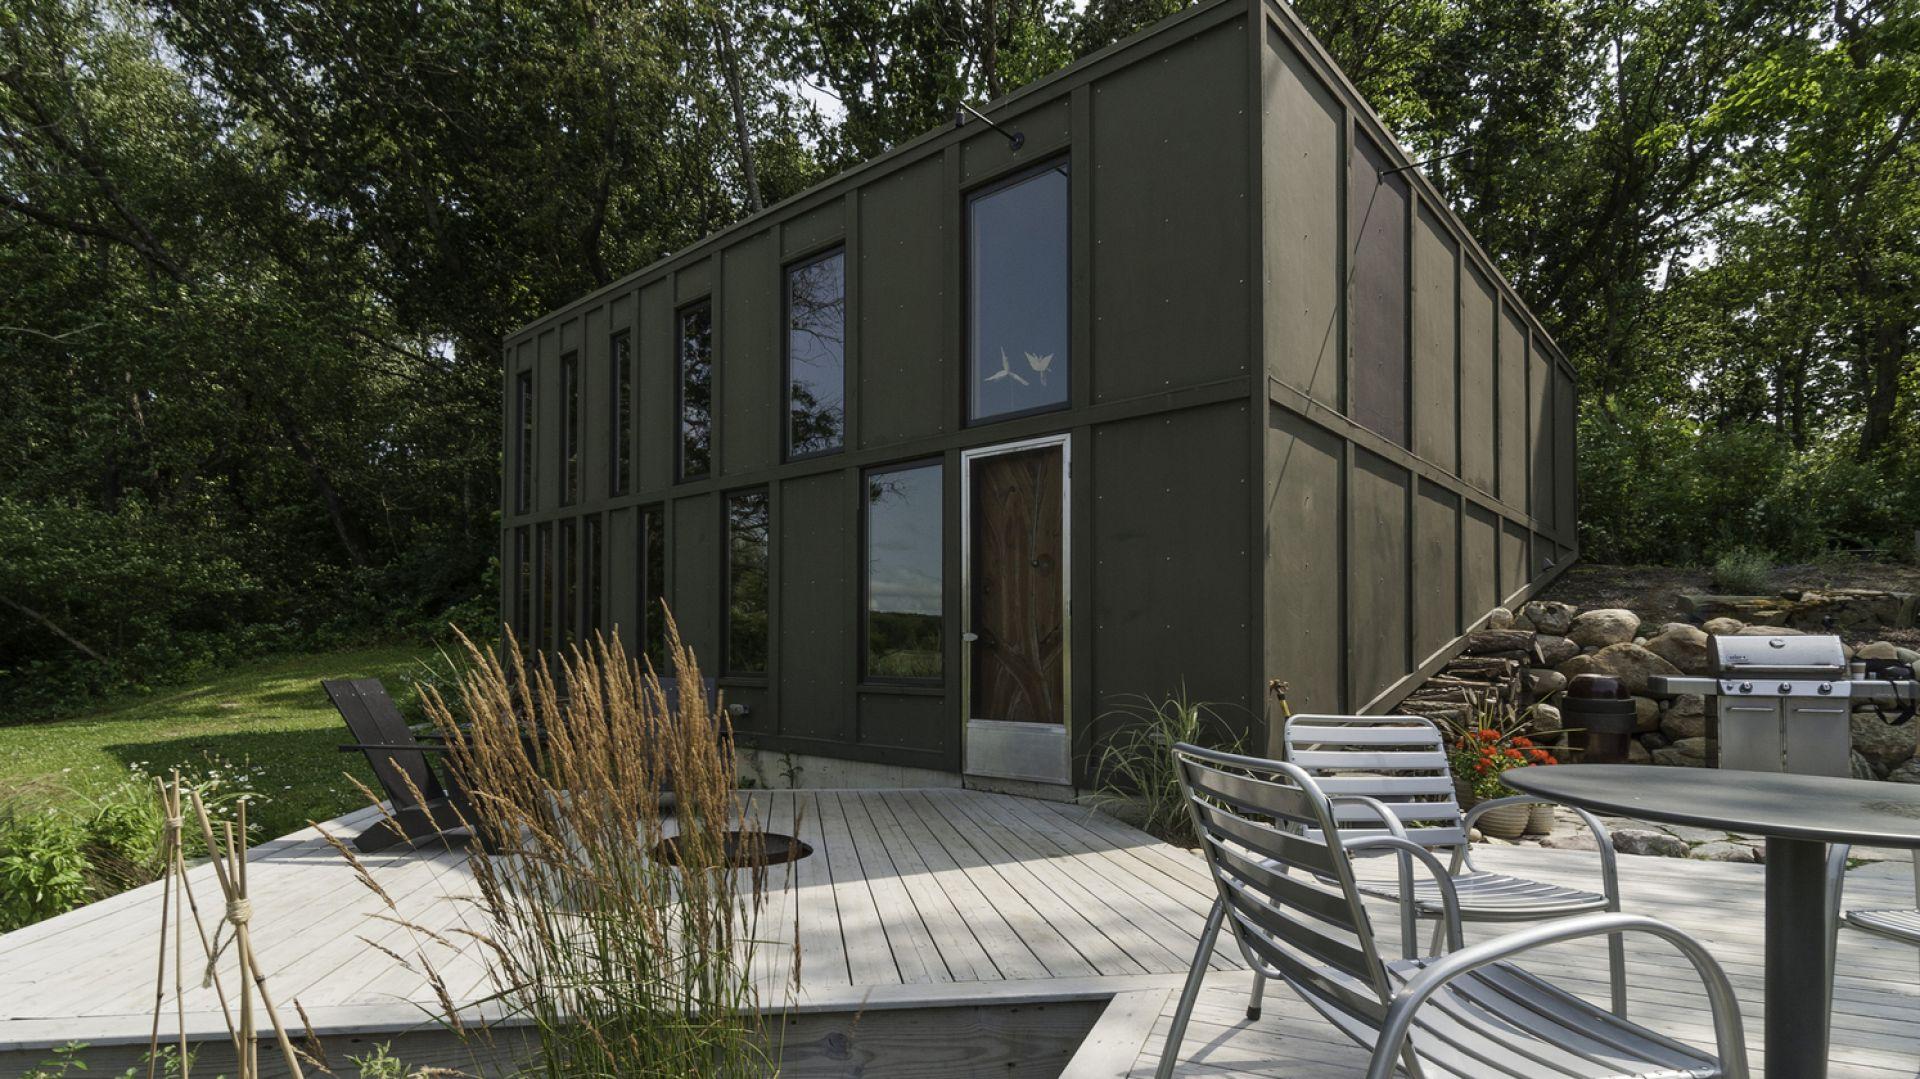 """""""Box"""" jest nietypowym domem, który jest urzeczywistnionym marzeniem właściciela. Pragnął on małego domku z tarasem oraz widokiem na rozlewisko otoczone dziewiczymi terenami podmokłymi. Fot. Graham Sandelski"""